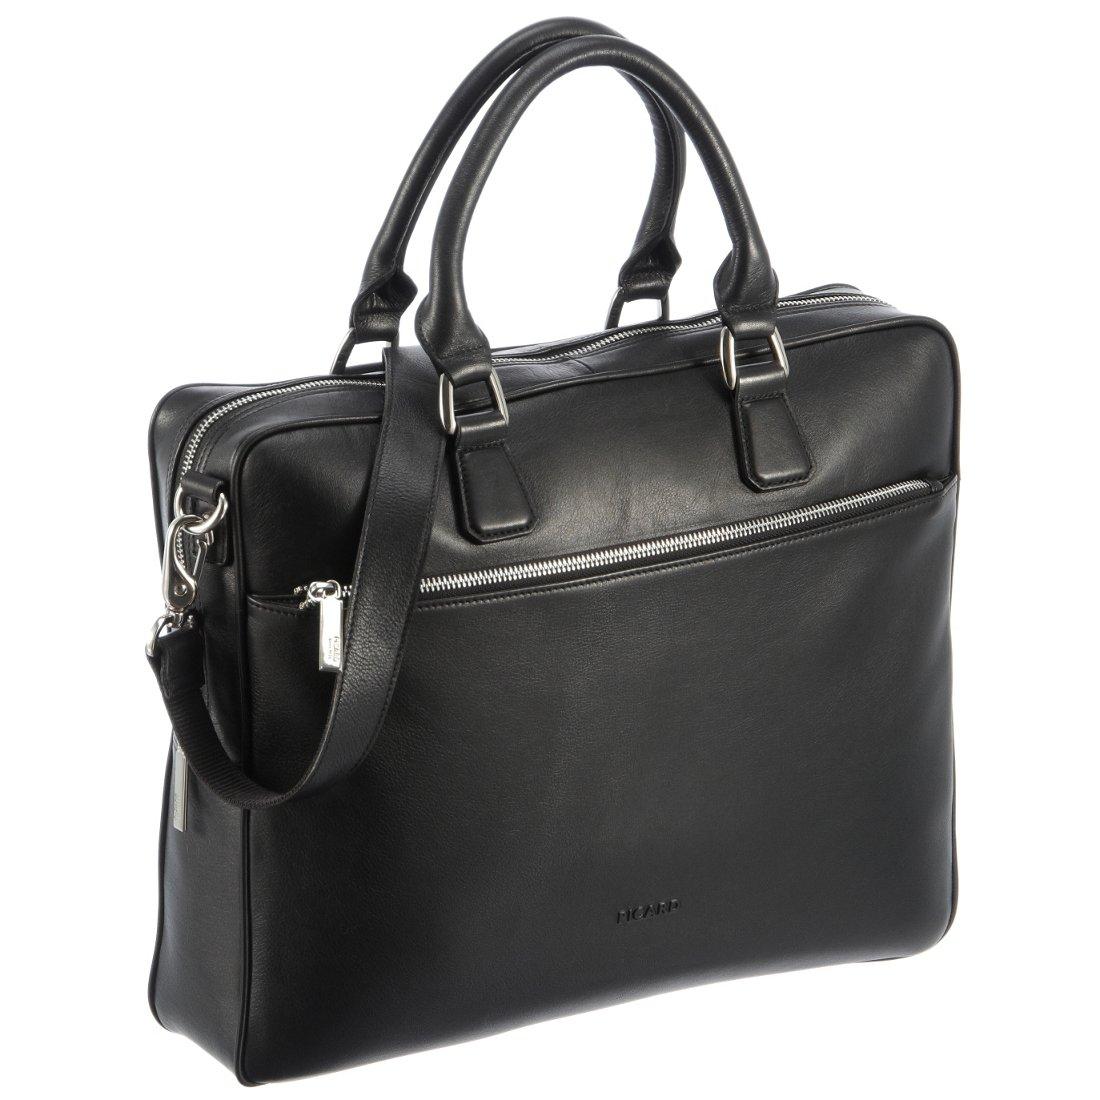 9cedce2171428 Picard Maggie Damen Aktentasche mit Laptopfach 39 cm - schwarz -  koffer-direkt.de